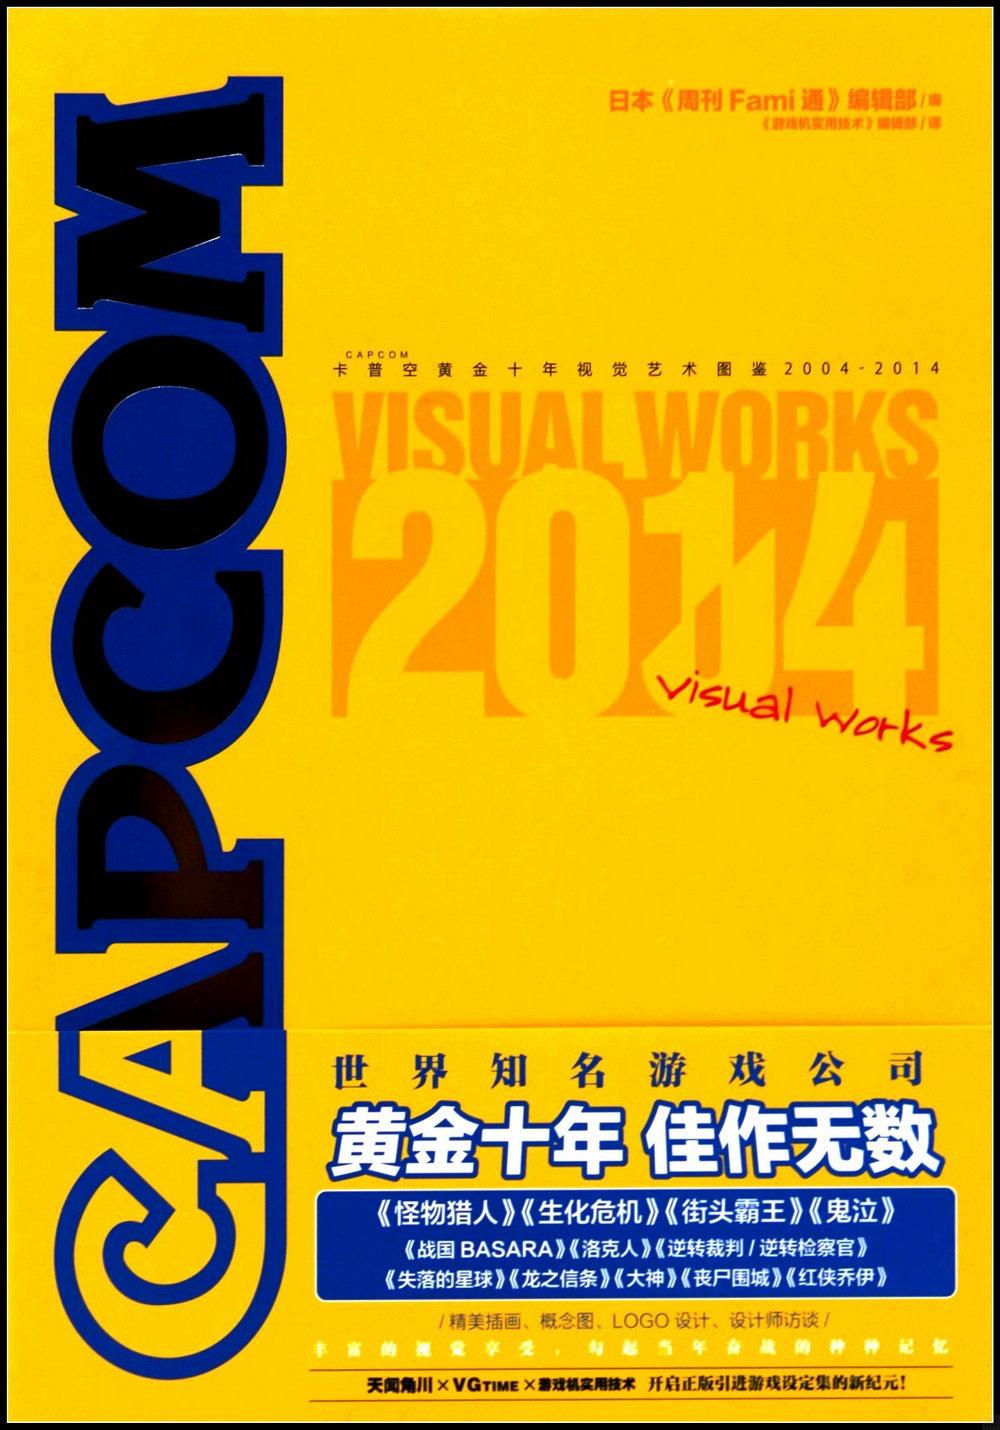 卡普空黃金十年視覺藝術圖鑒(2004-2014)